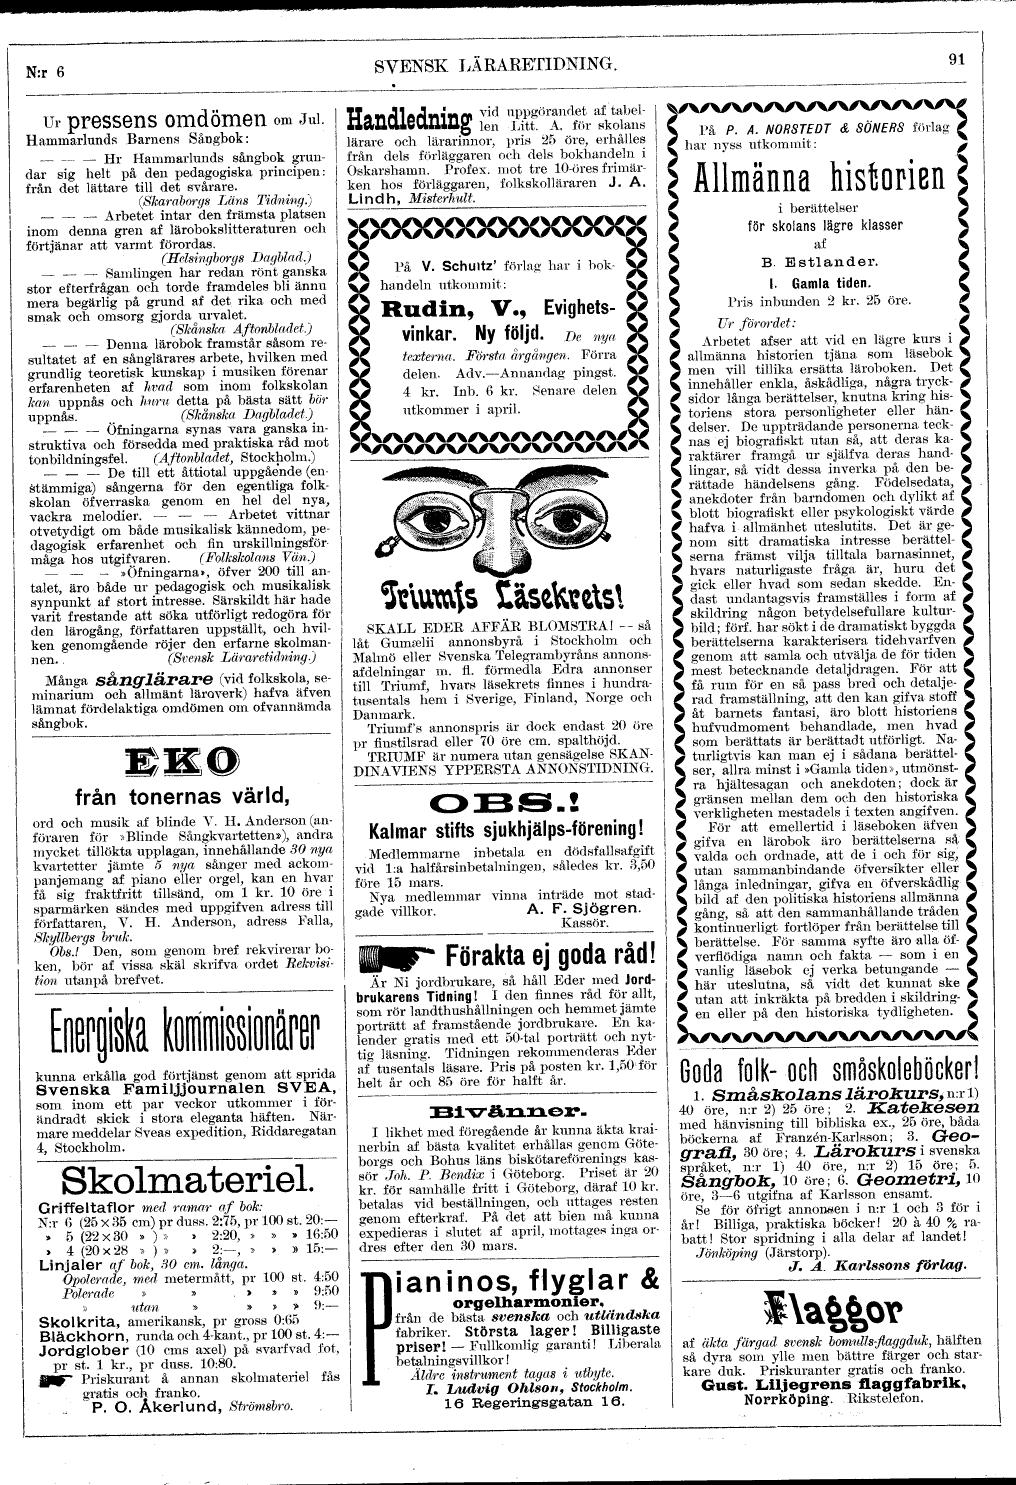 Gren som varit med sen 1896